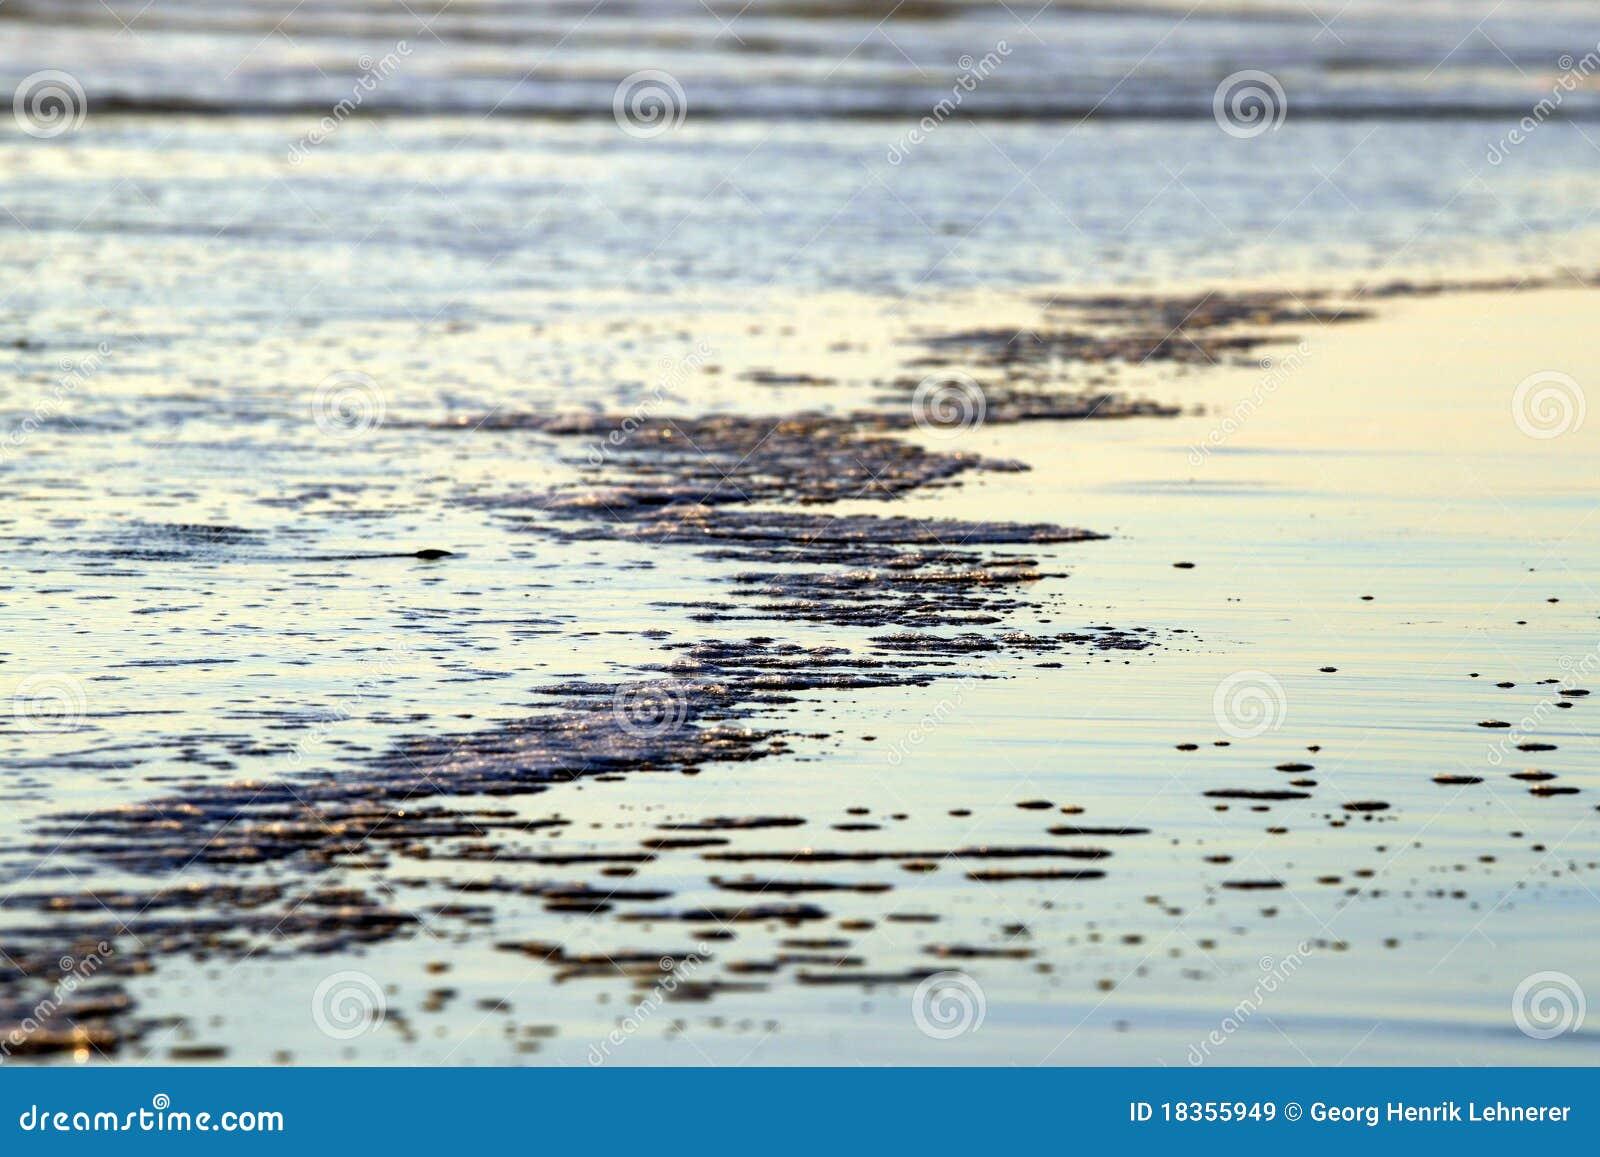 Água da praia